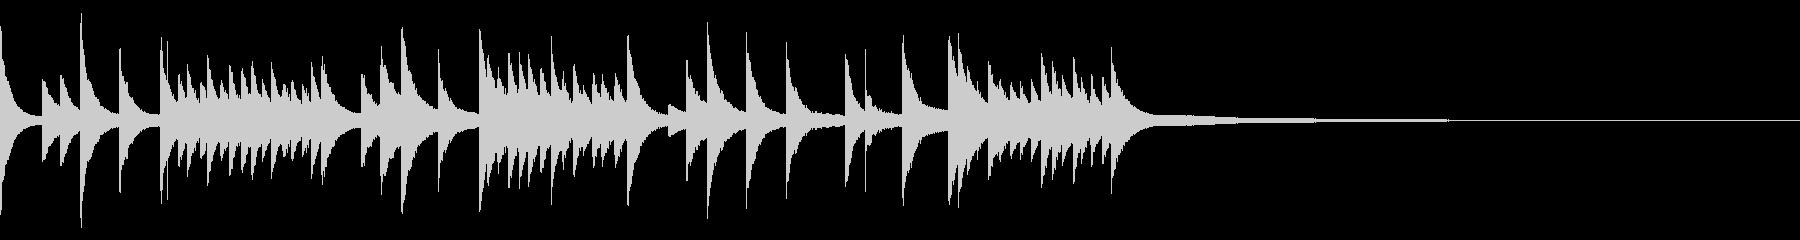 オーケストラベル:3月、ロングの未再生の波形